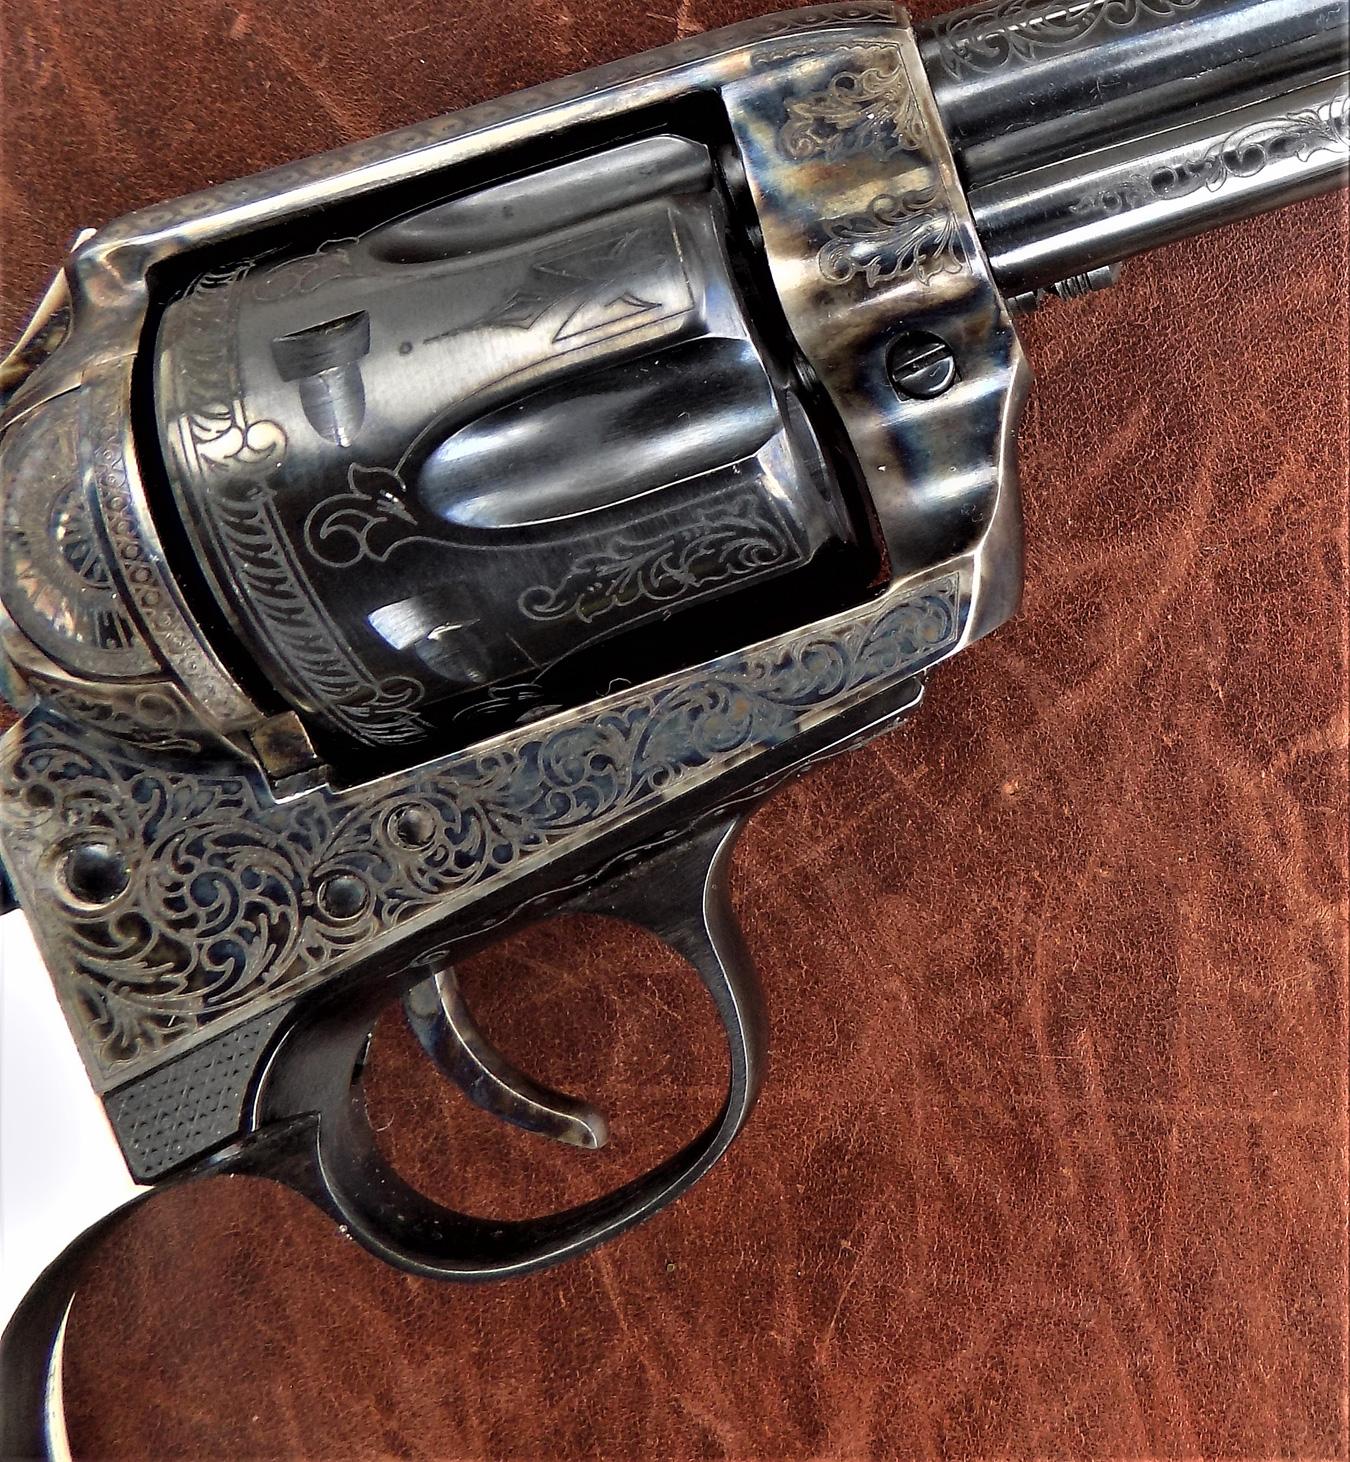 laser-engraved Pietta revolver